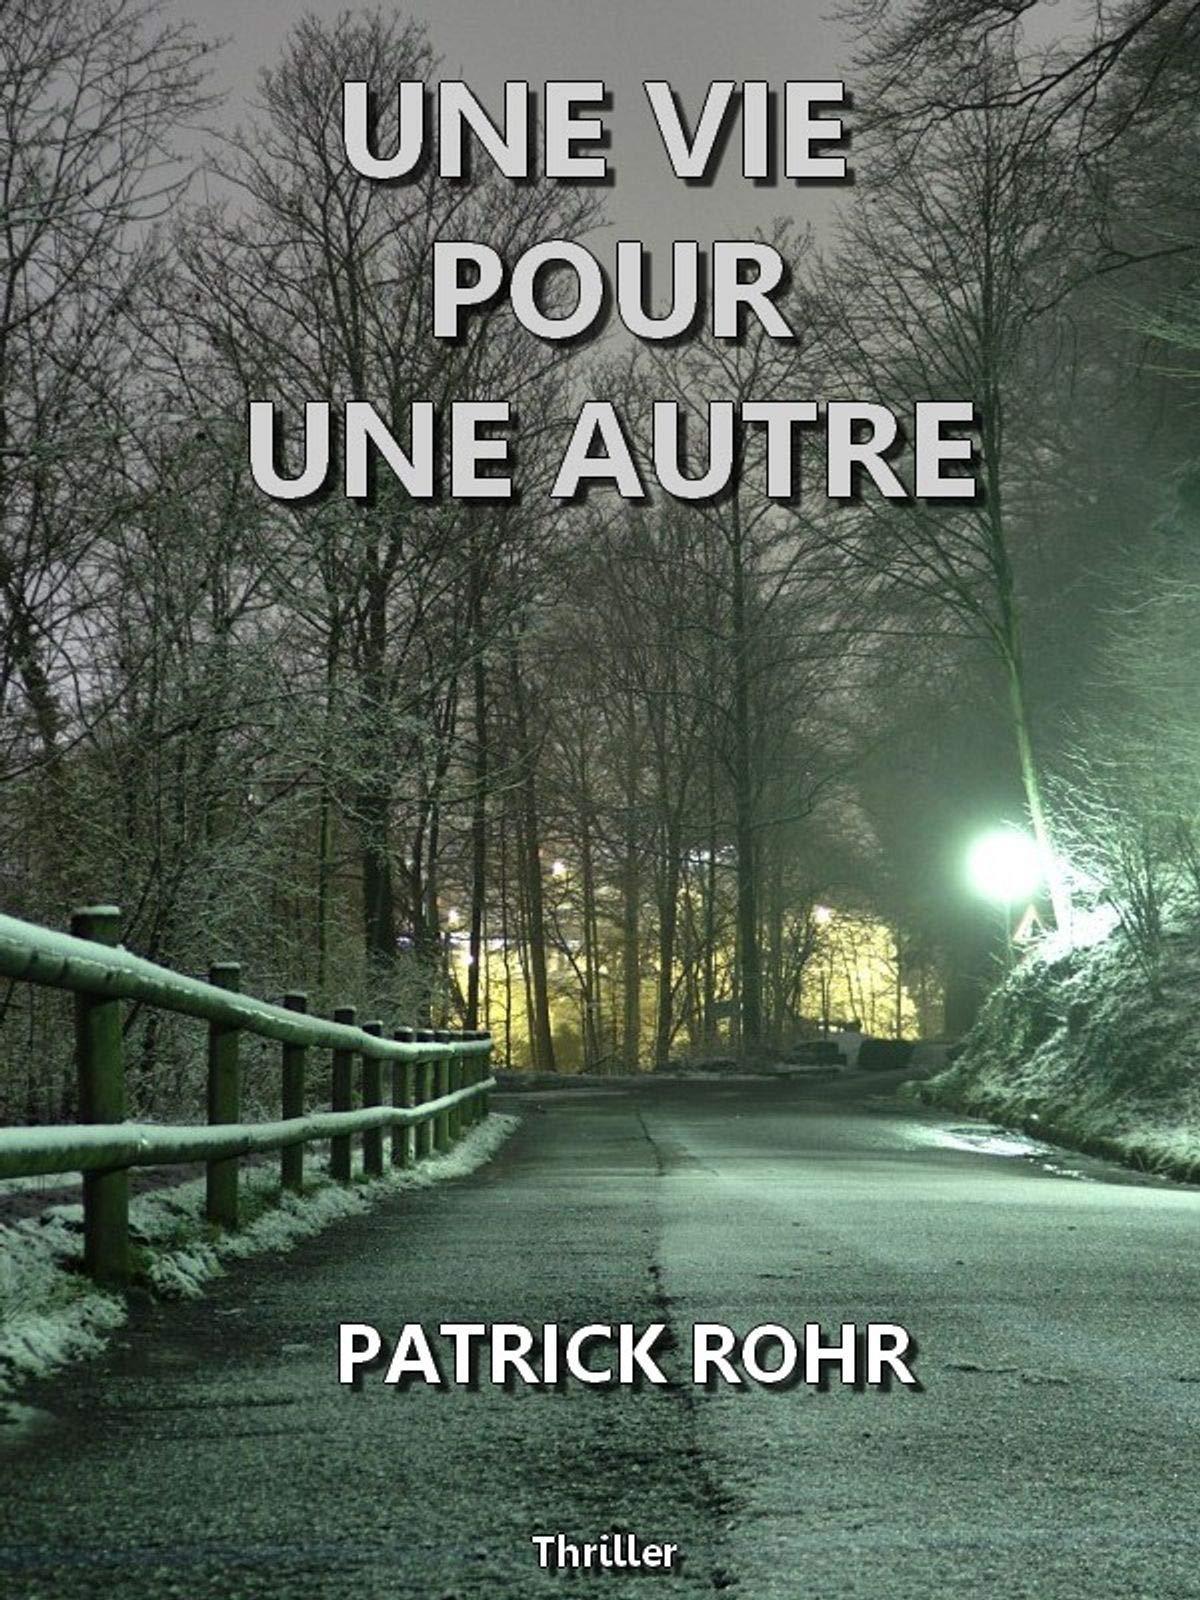 UNE VIE POUR UNE AUTRE: Thriller Patrick ROHR